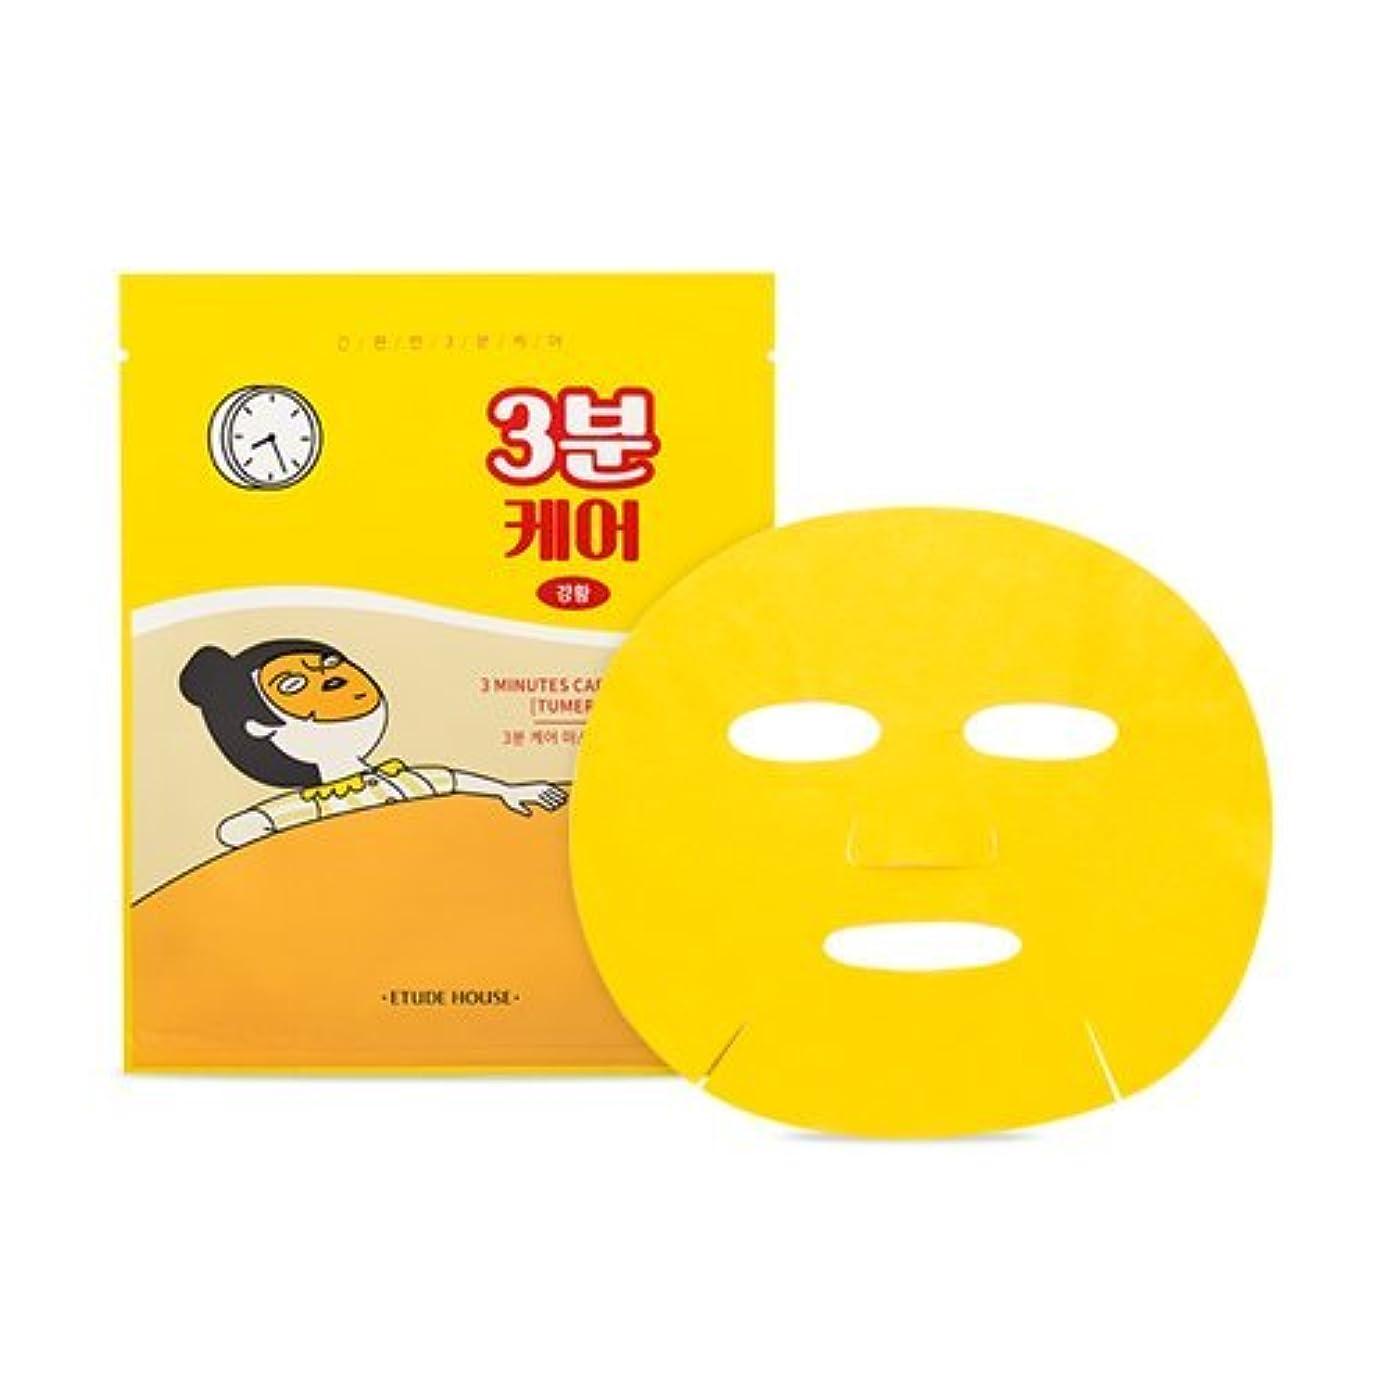 二層クラッチホールドオールエチュードハウス 3分ケア マスク[ ウコン ] 5枚/ETUDE HOUSE 3 Minutes Care Mask [TUMERIC] 23g*5EA